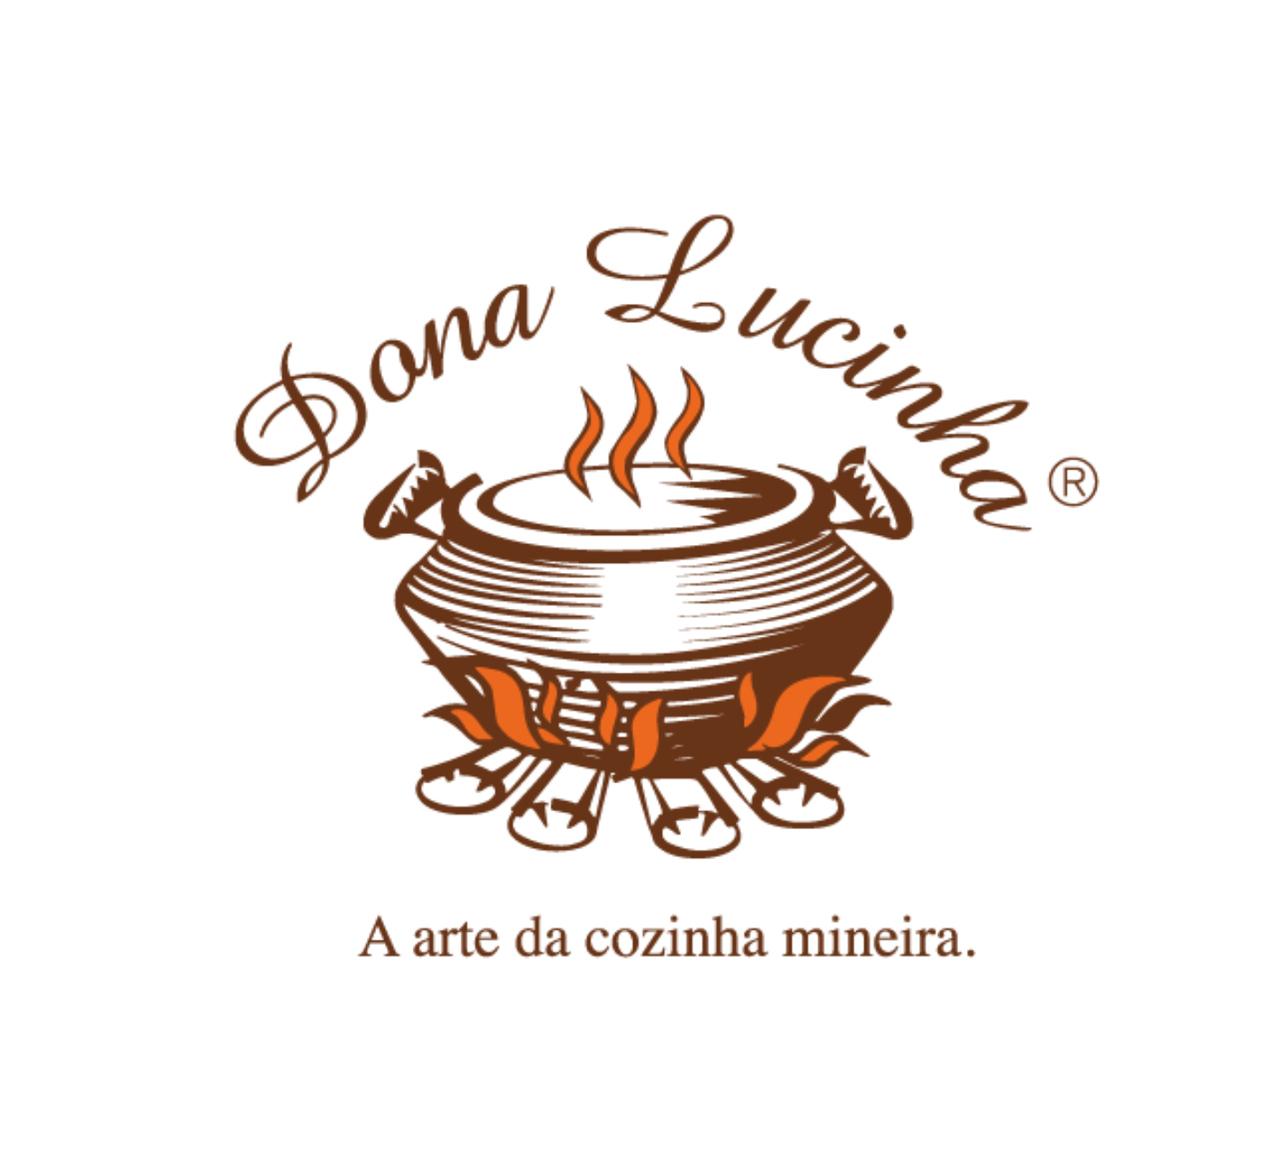 Dona_lucinha_fundo_branco_easy-resize.com